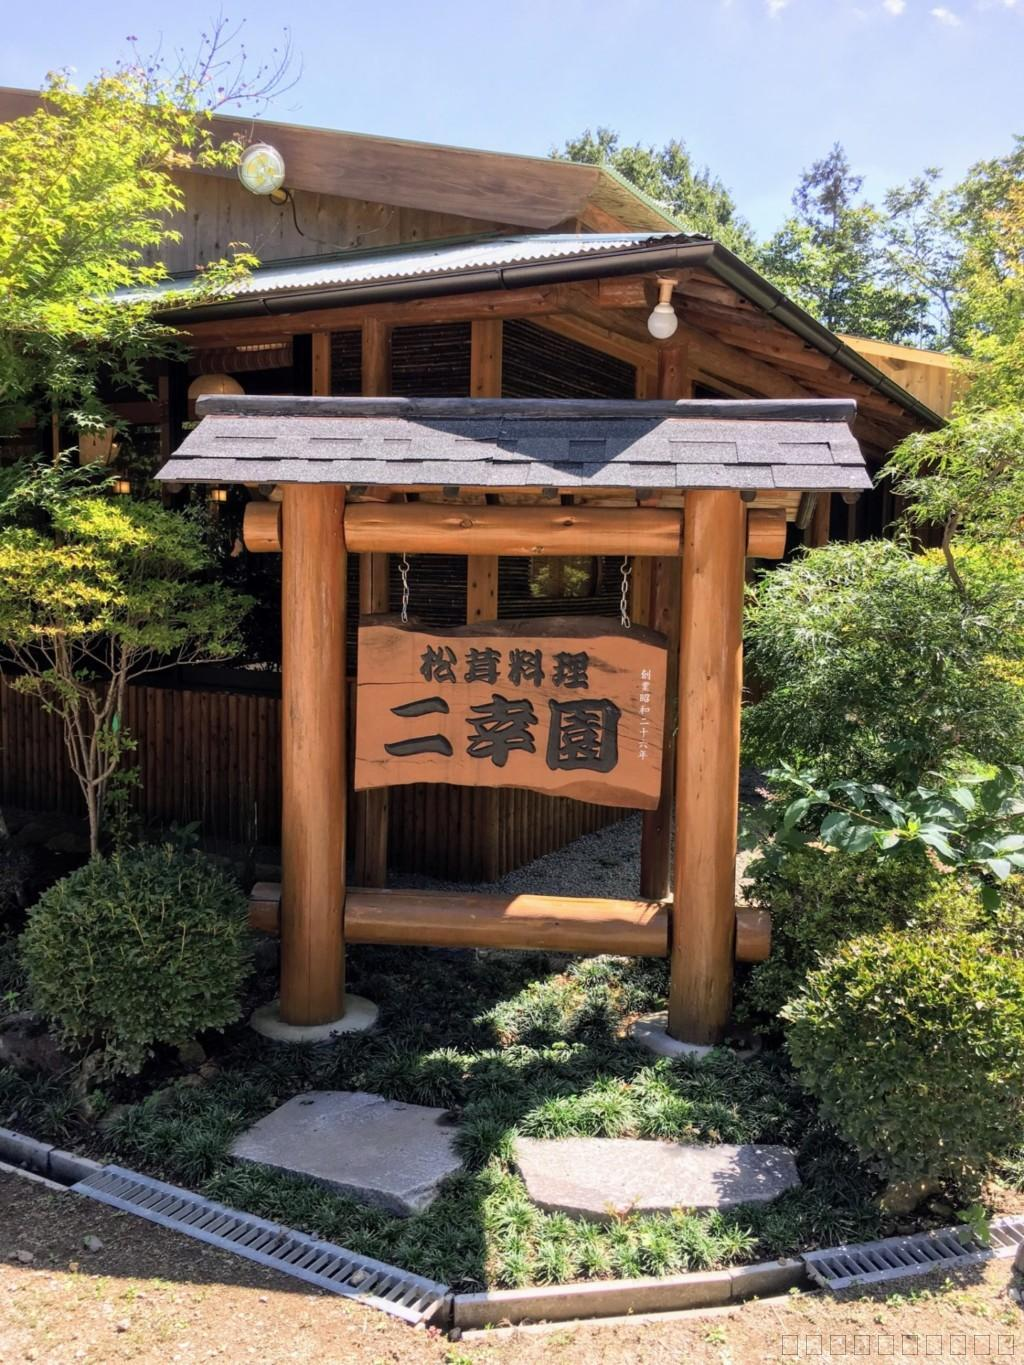 長野県上田市の松茸小屋「二幸園」入口